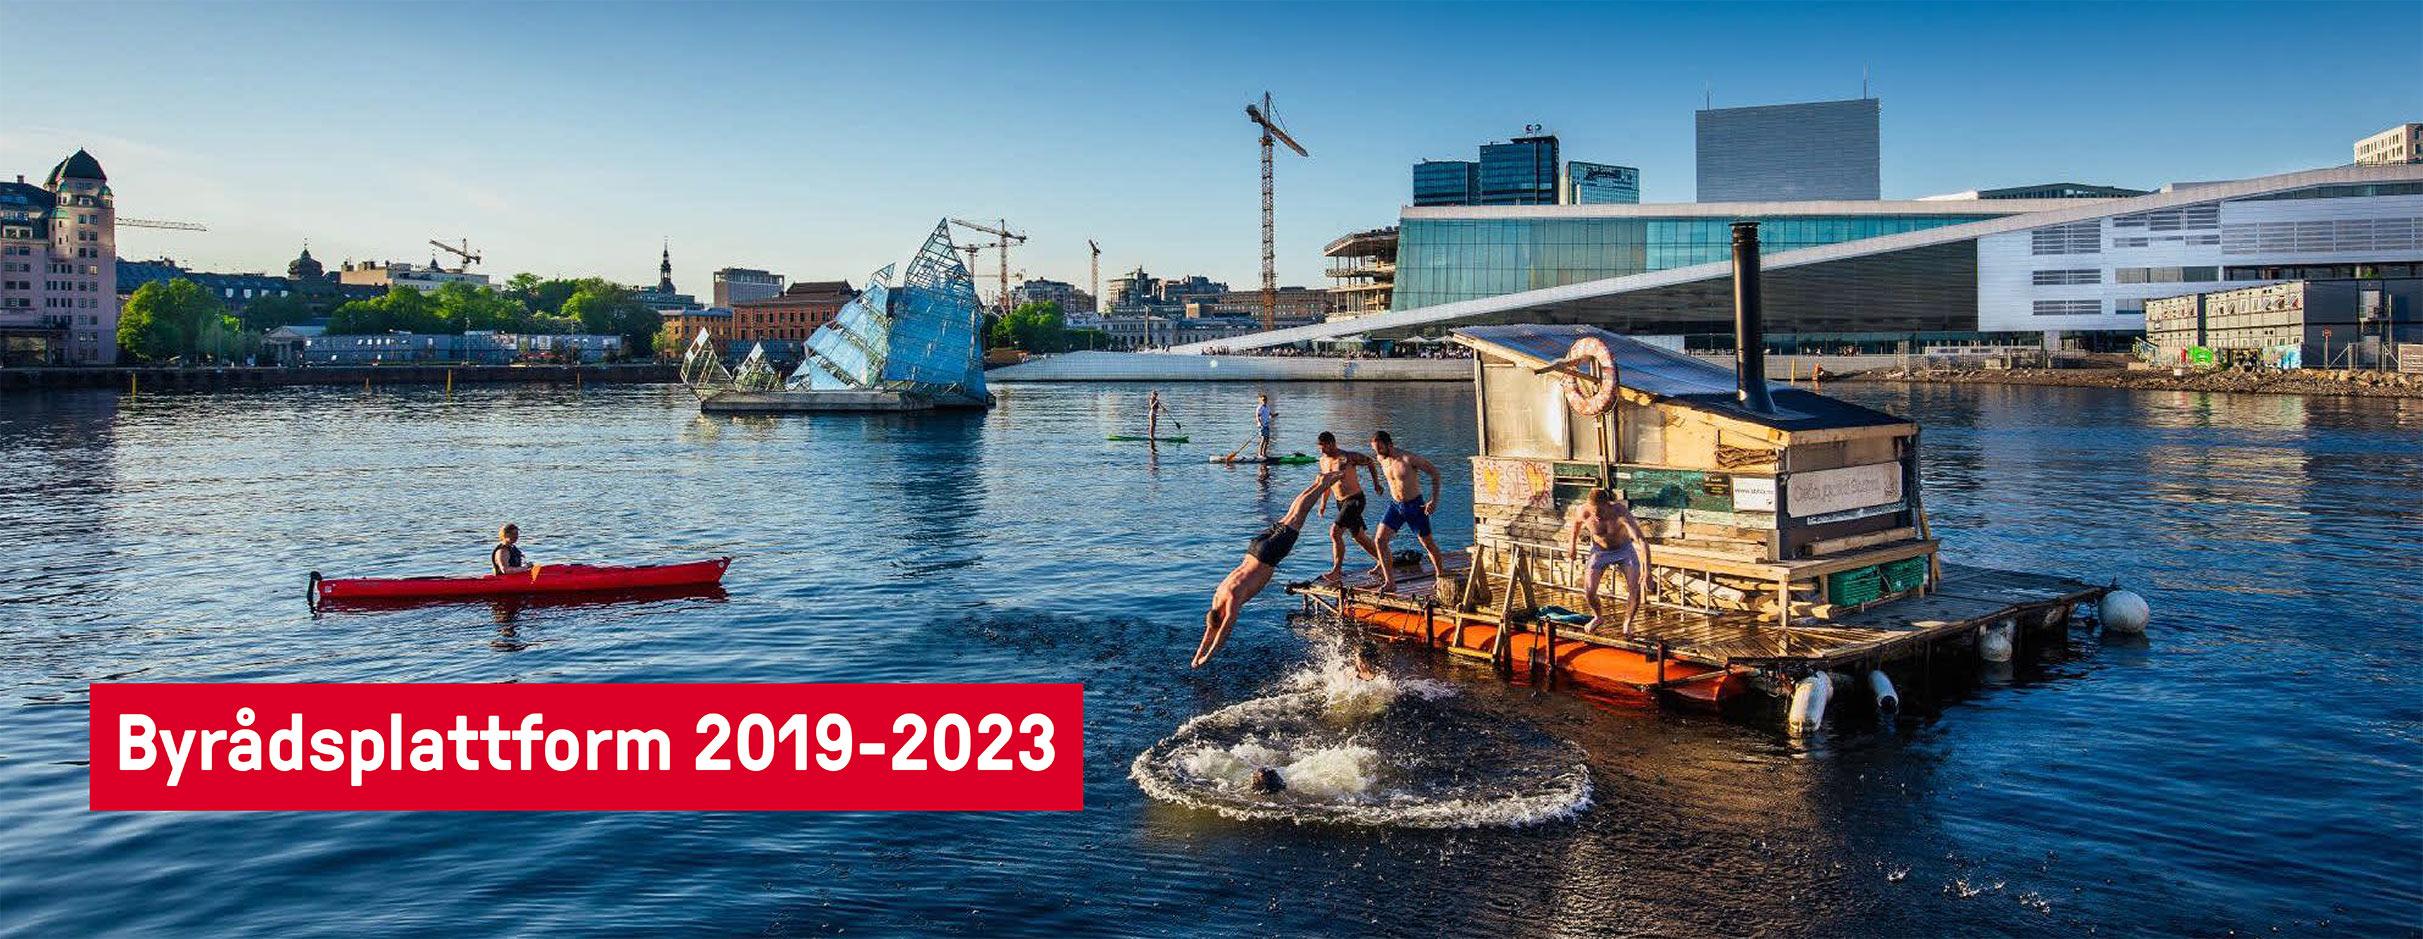 Byrådsplatform 2019 til 2030. Tekst over foto